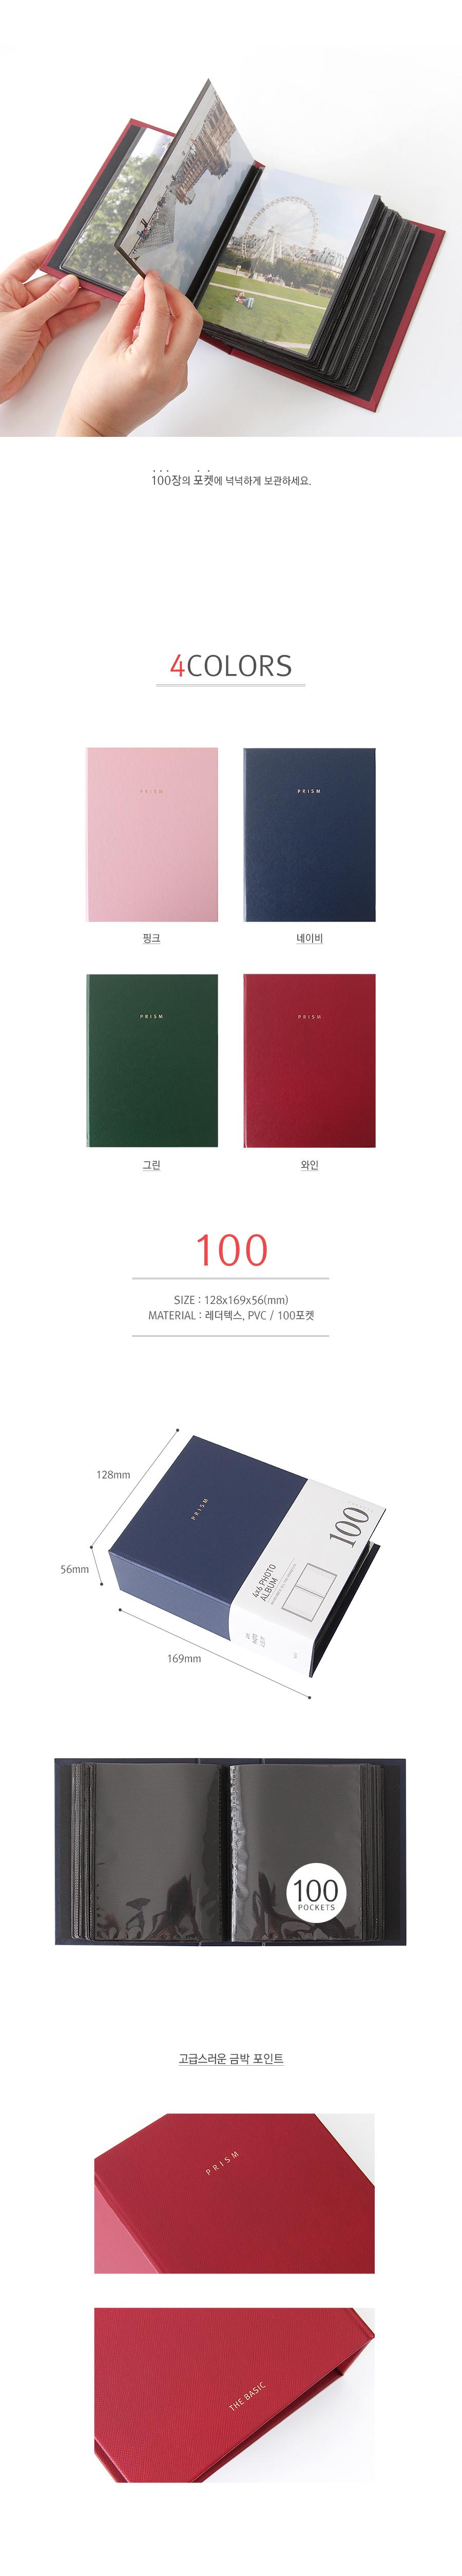 프리즘 4X6 포토 앨범(100포켓) - 인디고, 9,800원, 포켓앨범, 심플